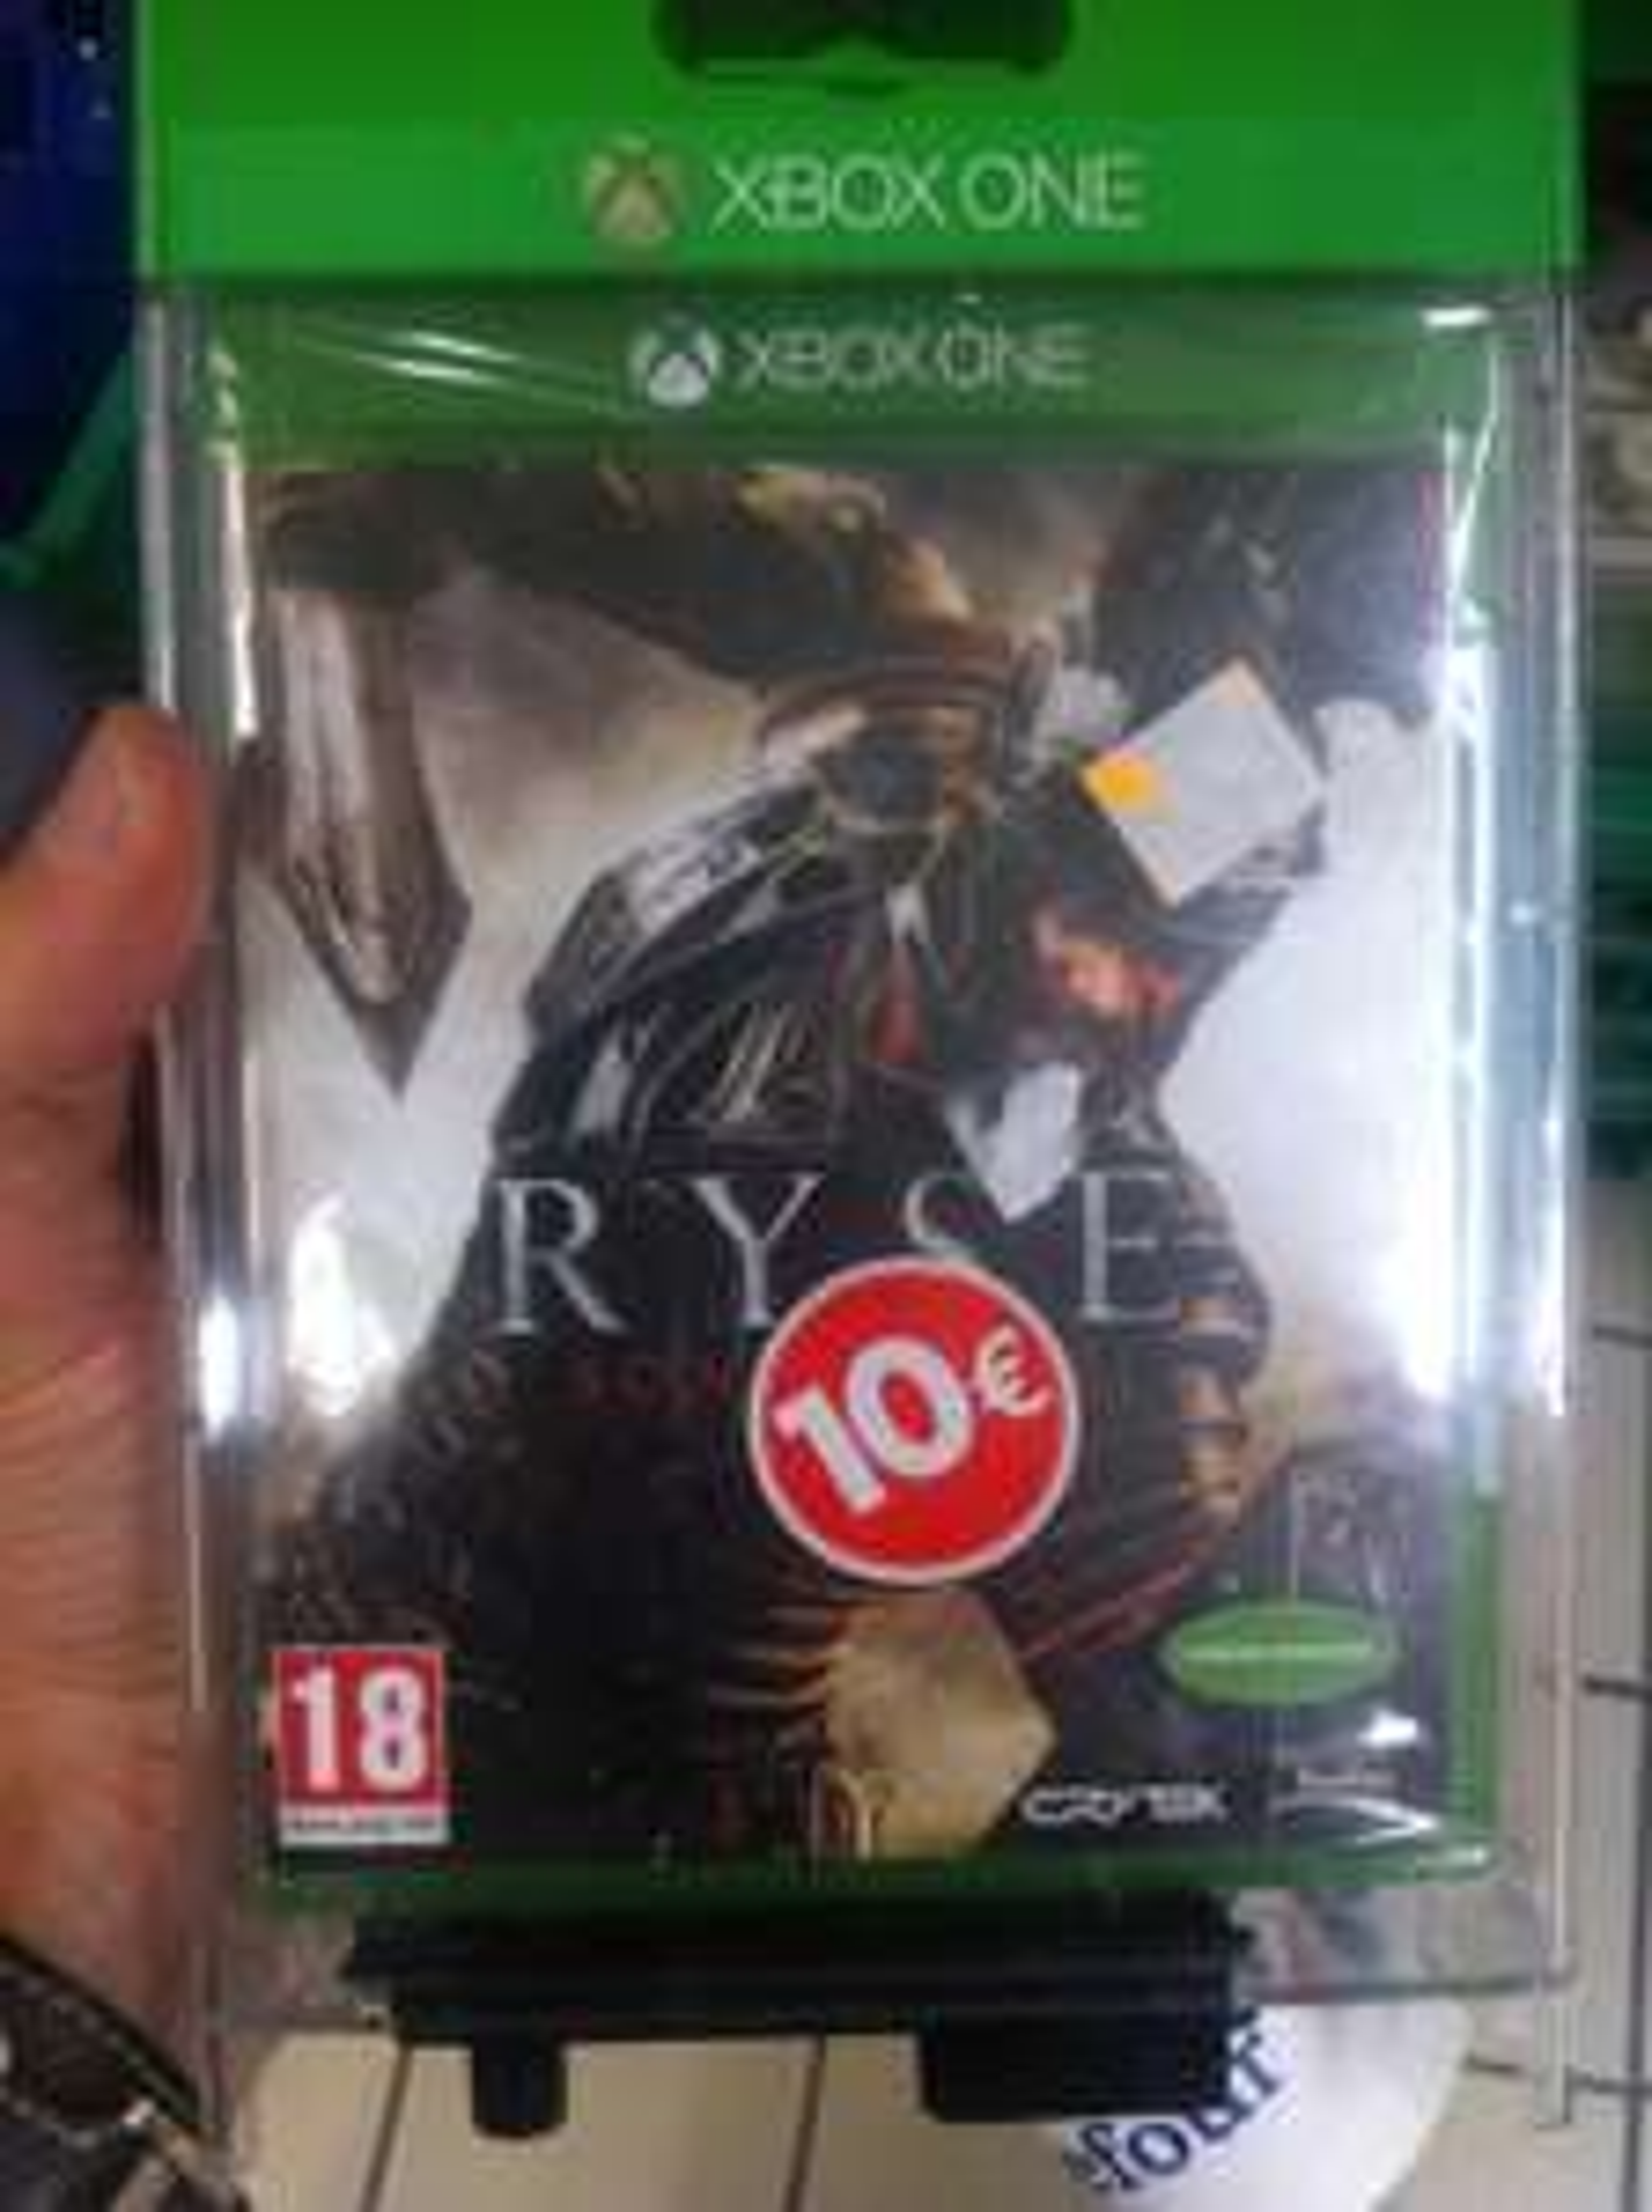 Sélection de Jeux Xbox One en promotion - Ex : Ryse Son of Rome sur Xbox One